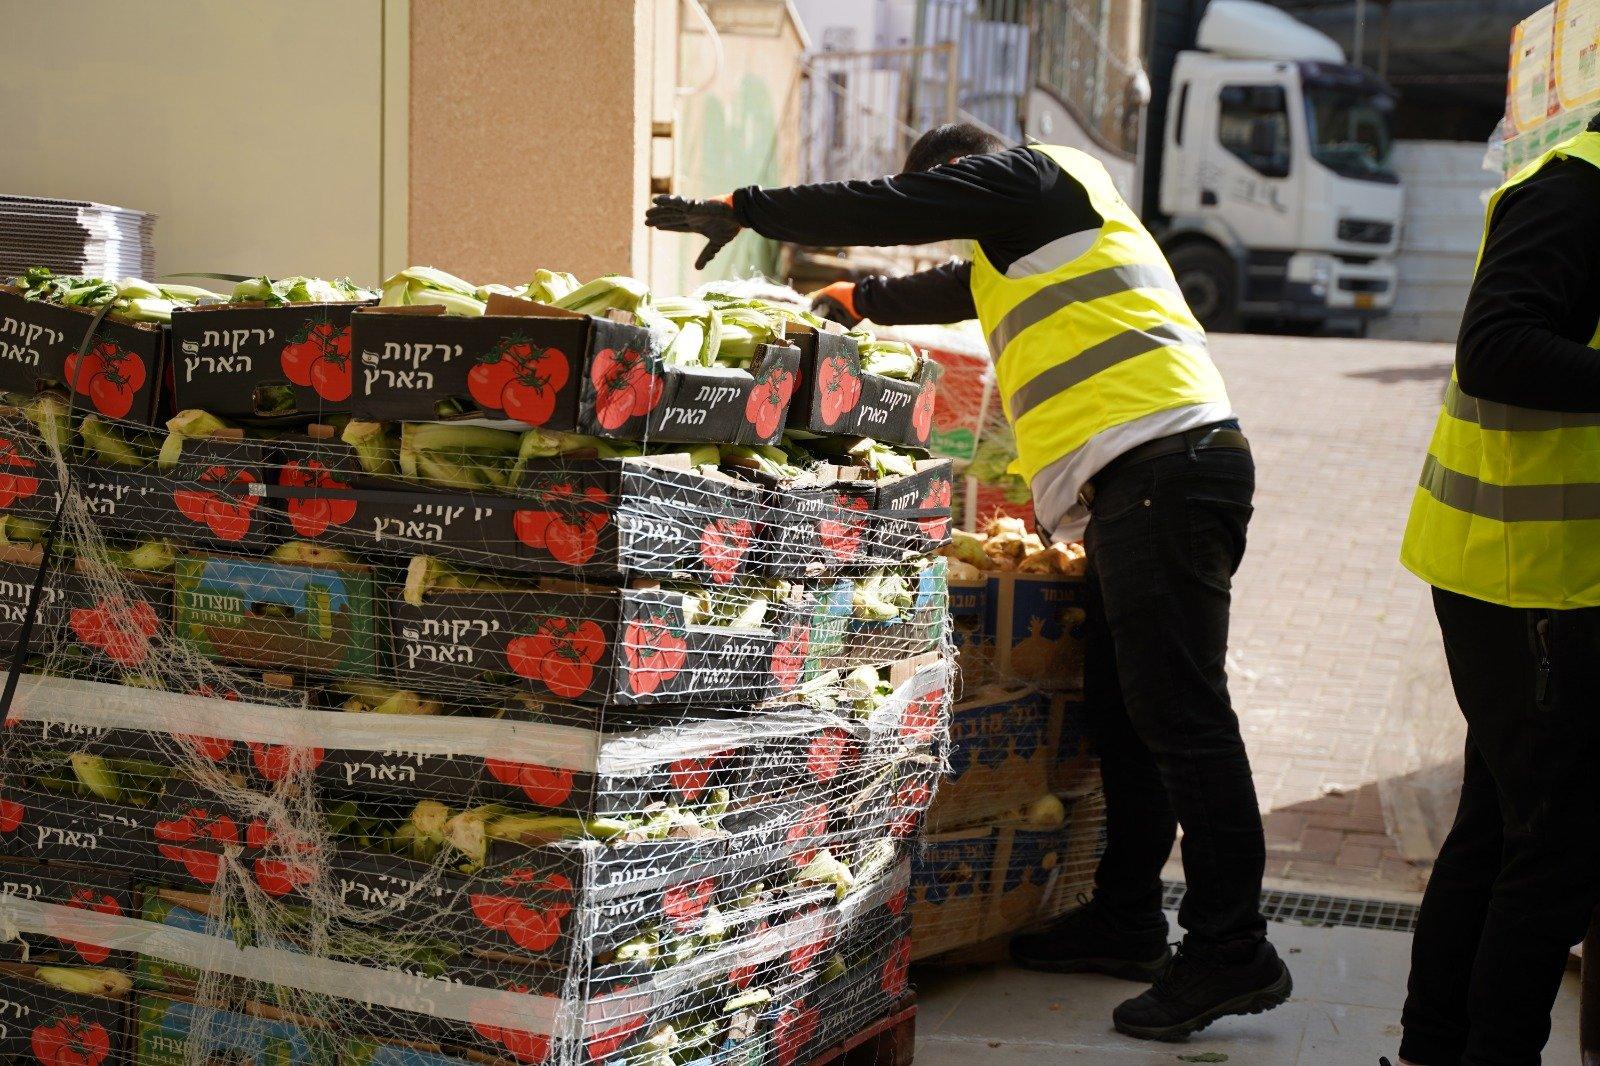 في ظل جائحة كورونا: حملة الجسد الواحد تتواصل في مدينة الناصرة